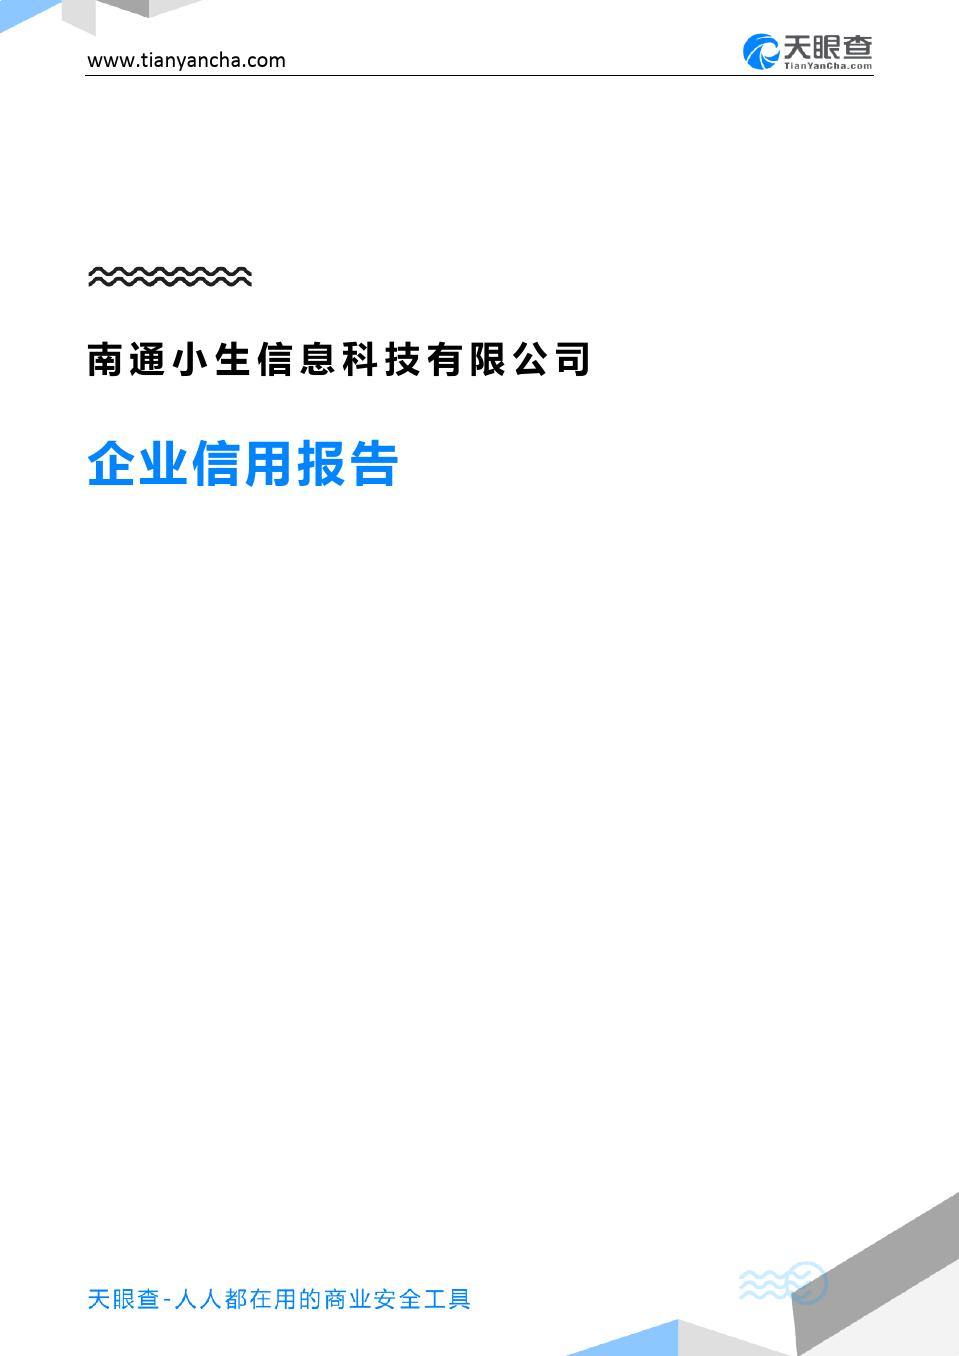 南通小生信息科技有限公司(企业信用报告)- 天眼查